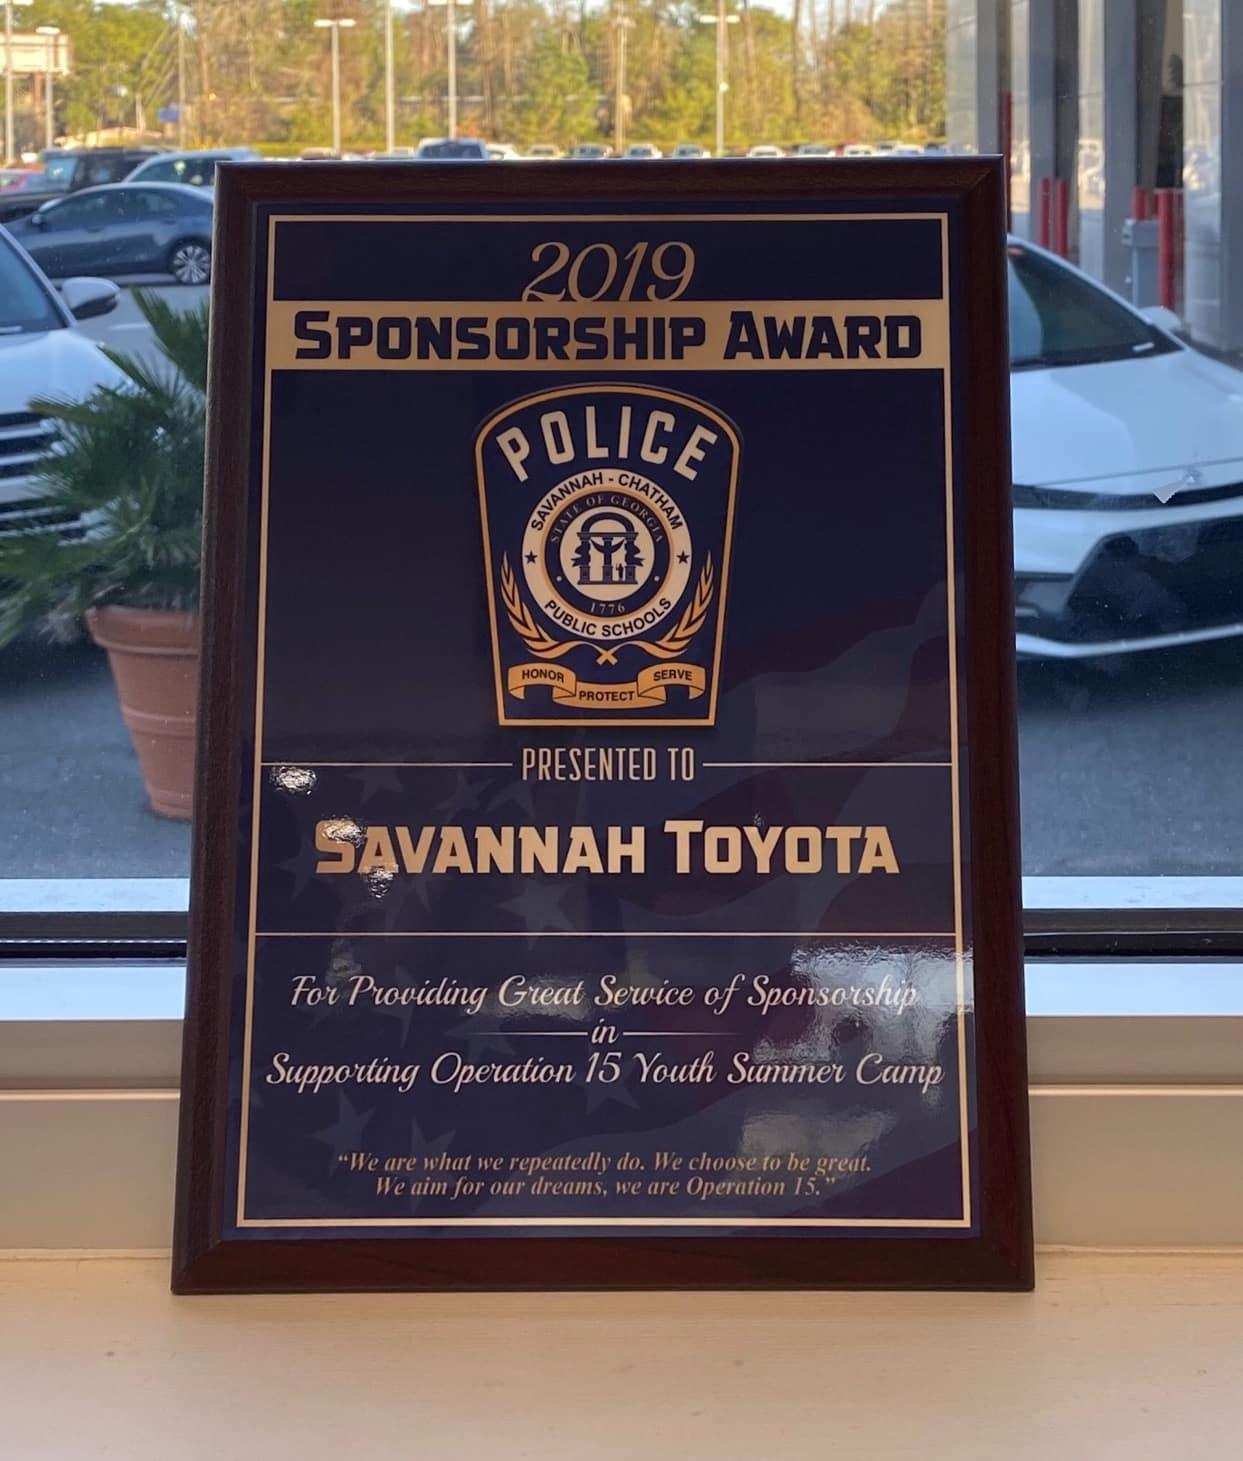 2019_Sponsorship_Award